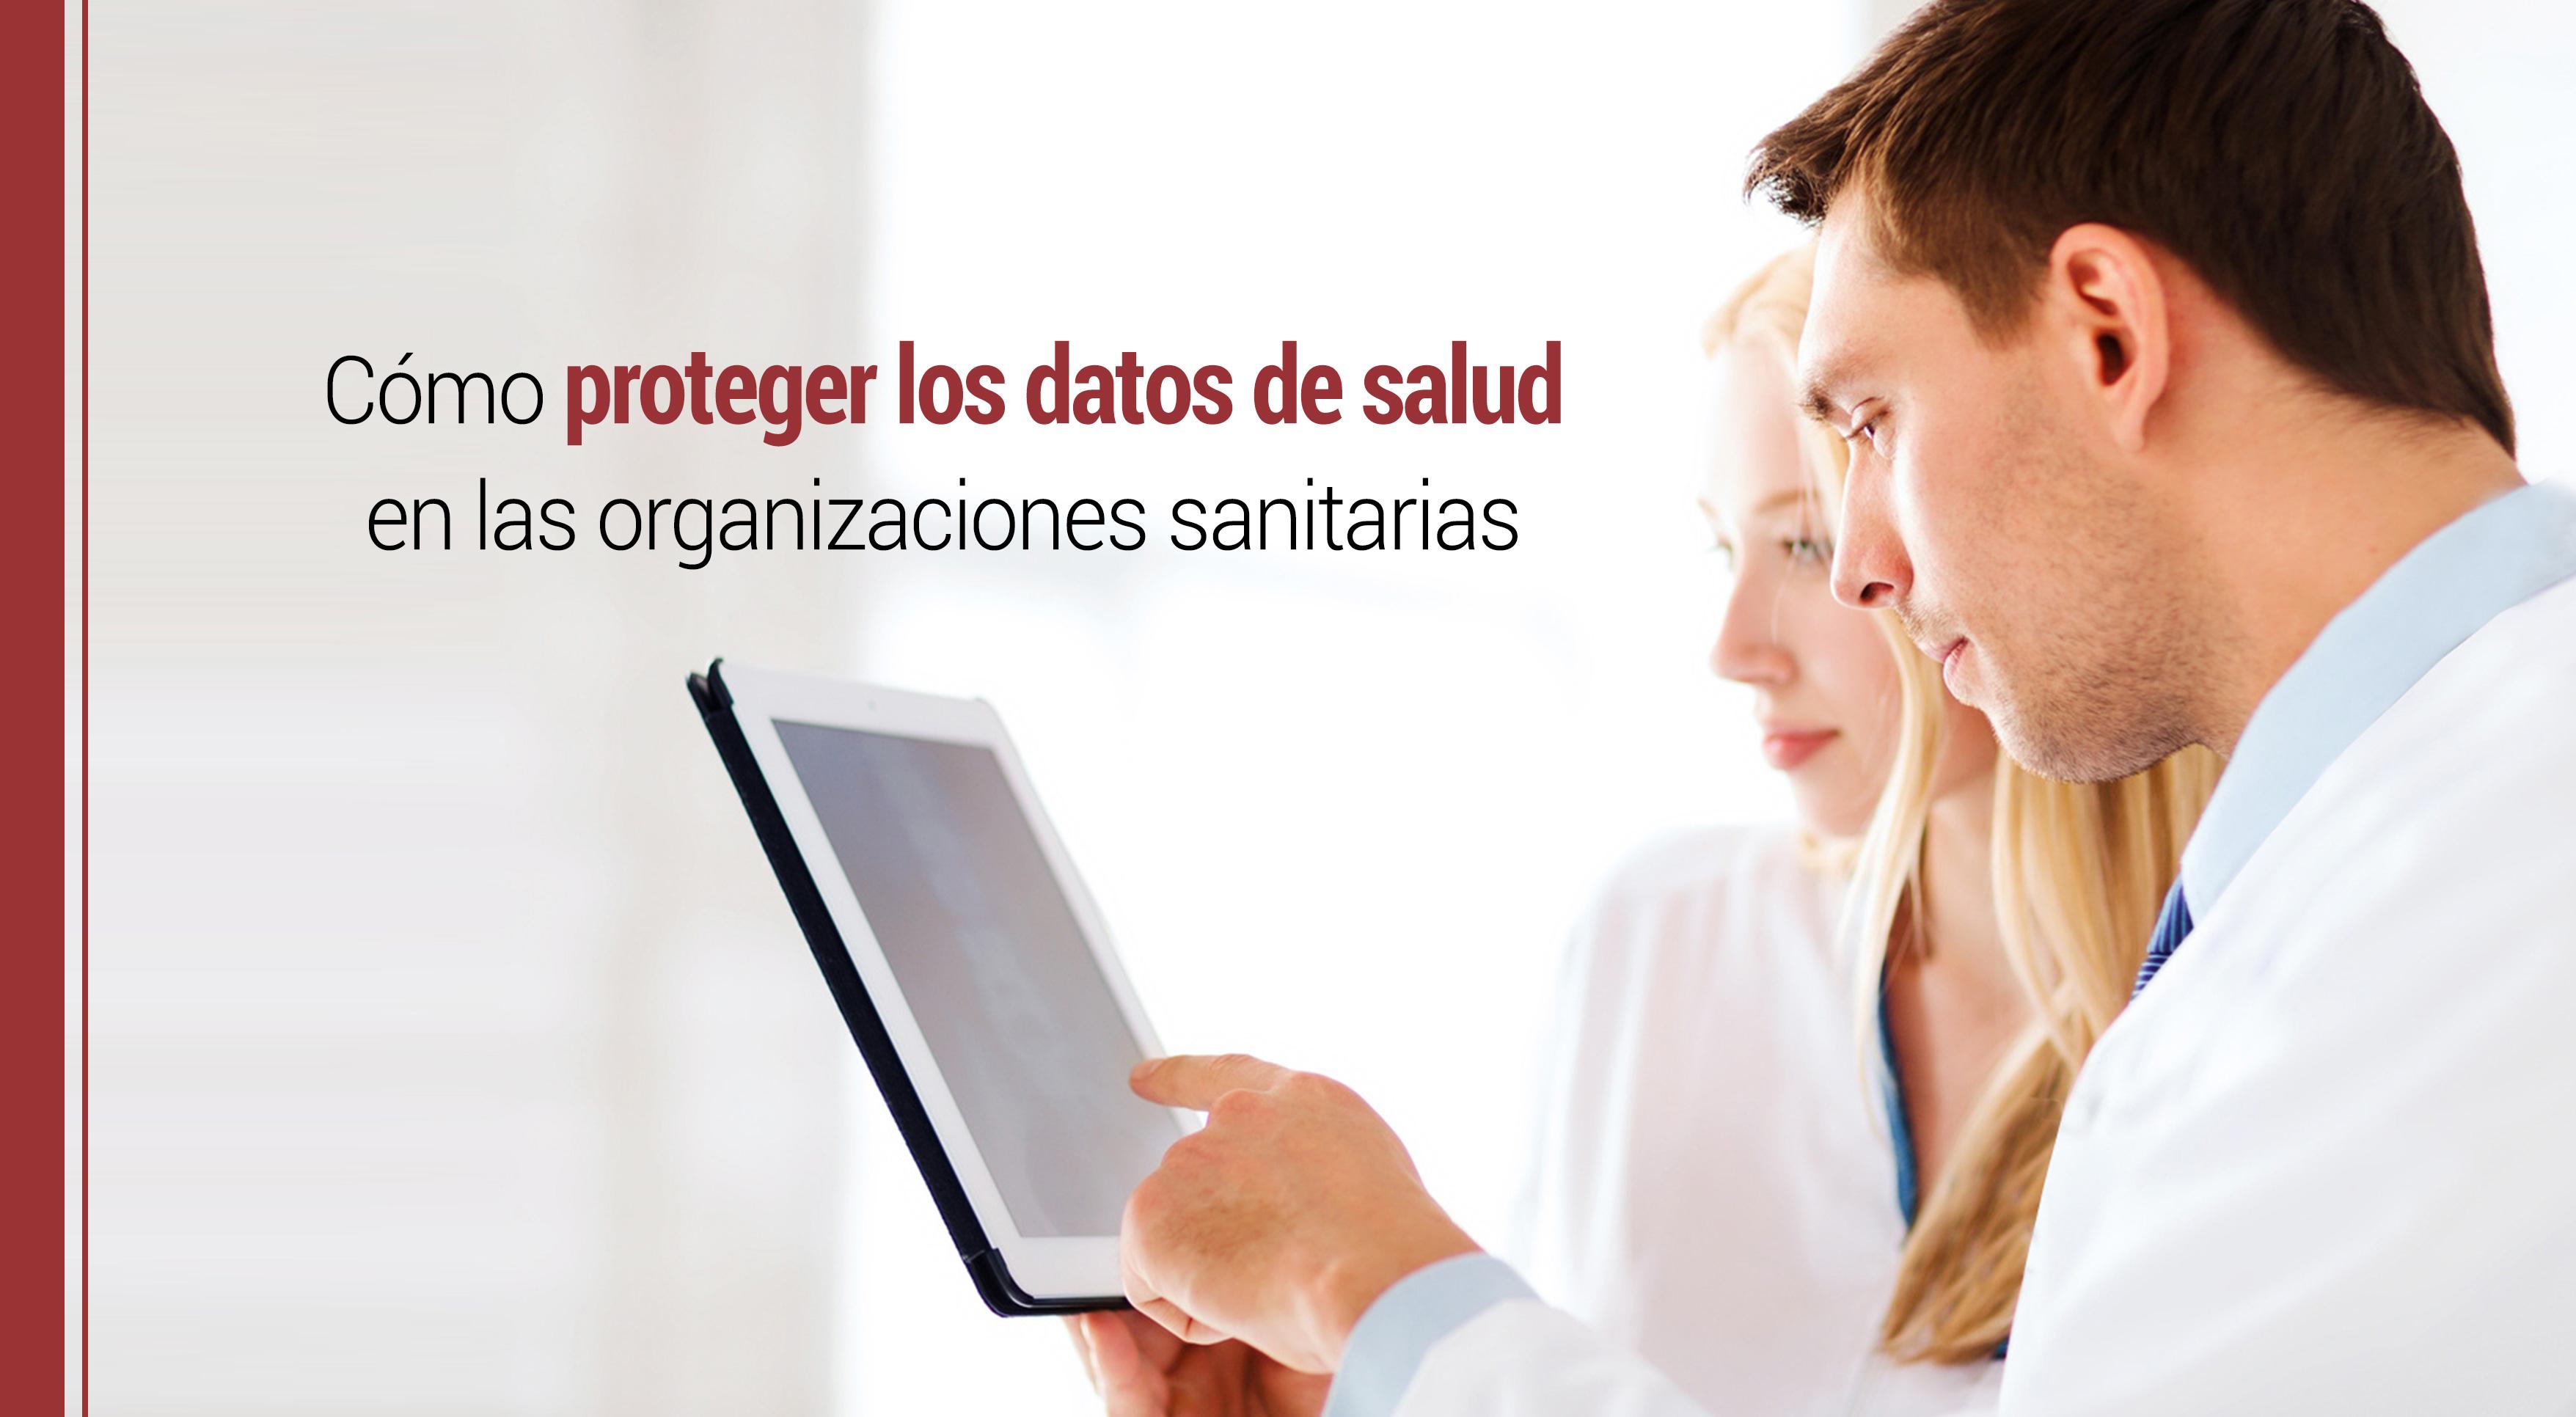 como-proteger-datos-salud-sanitarias Cómo proteger los datos de salud en las organizaciones sanitarias